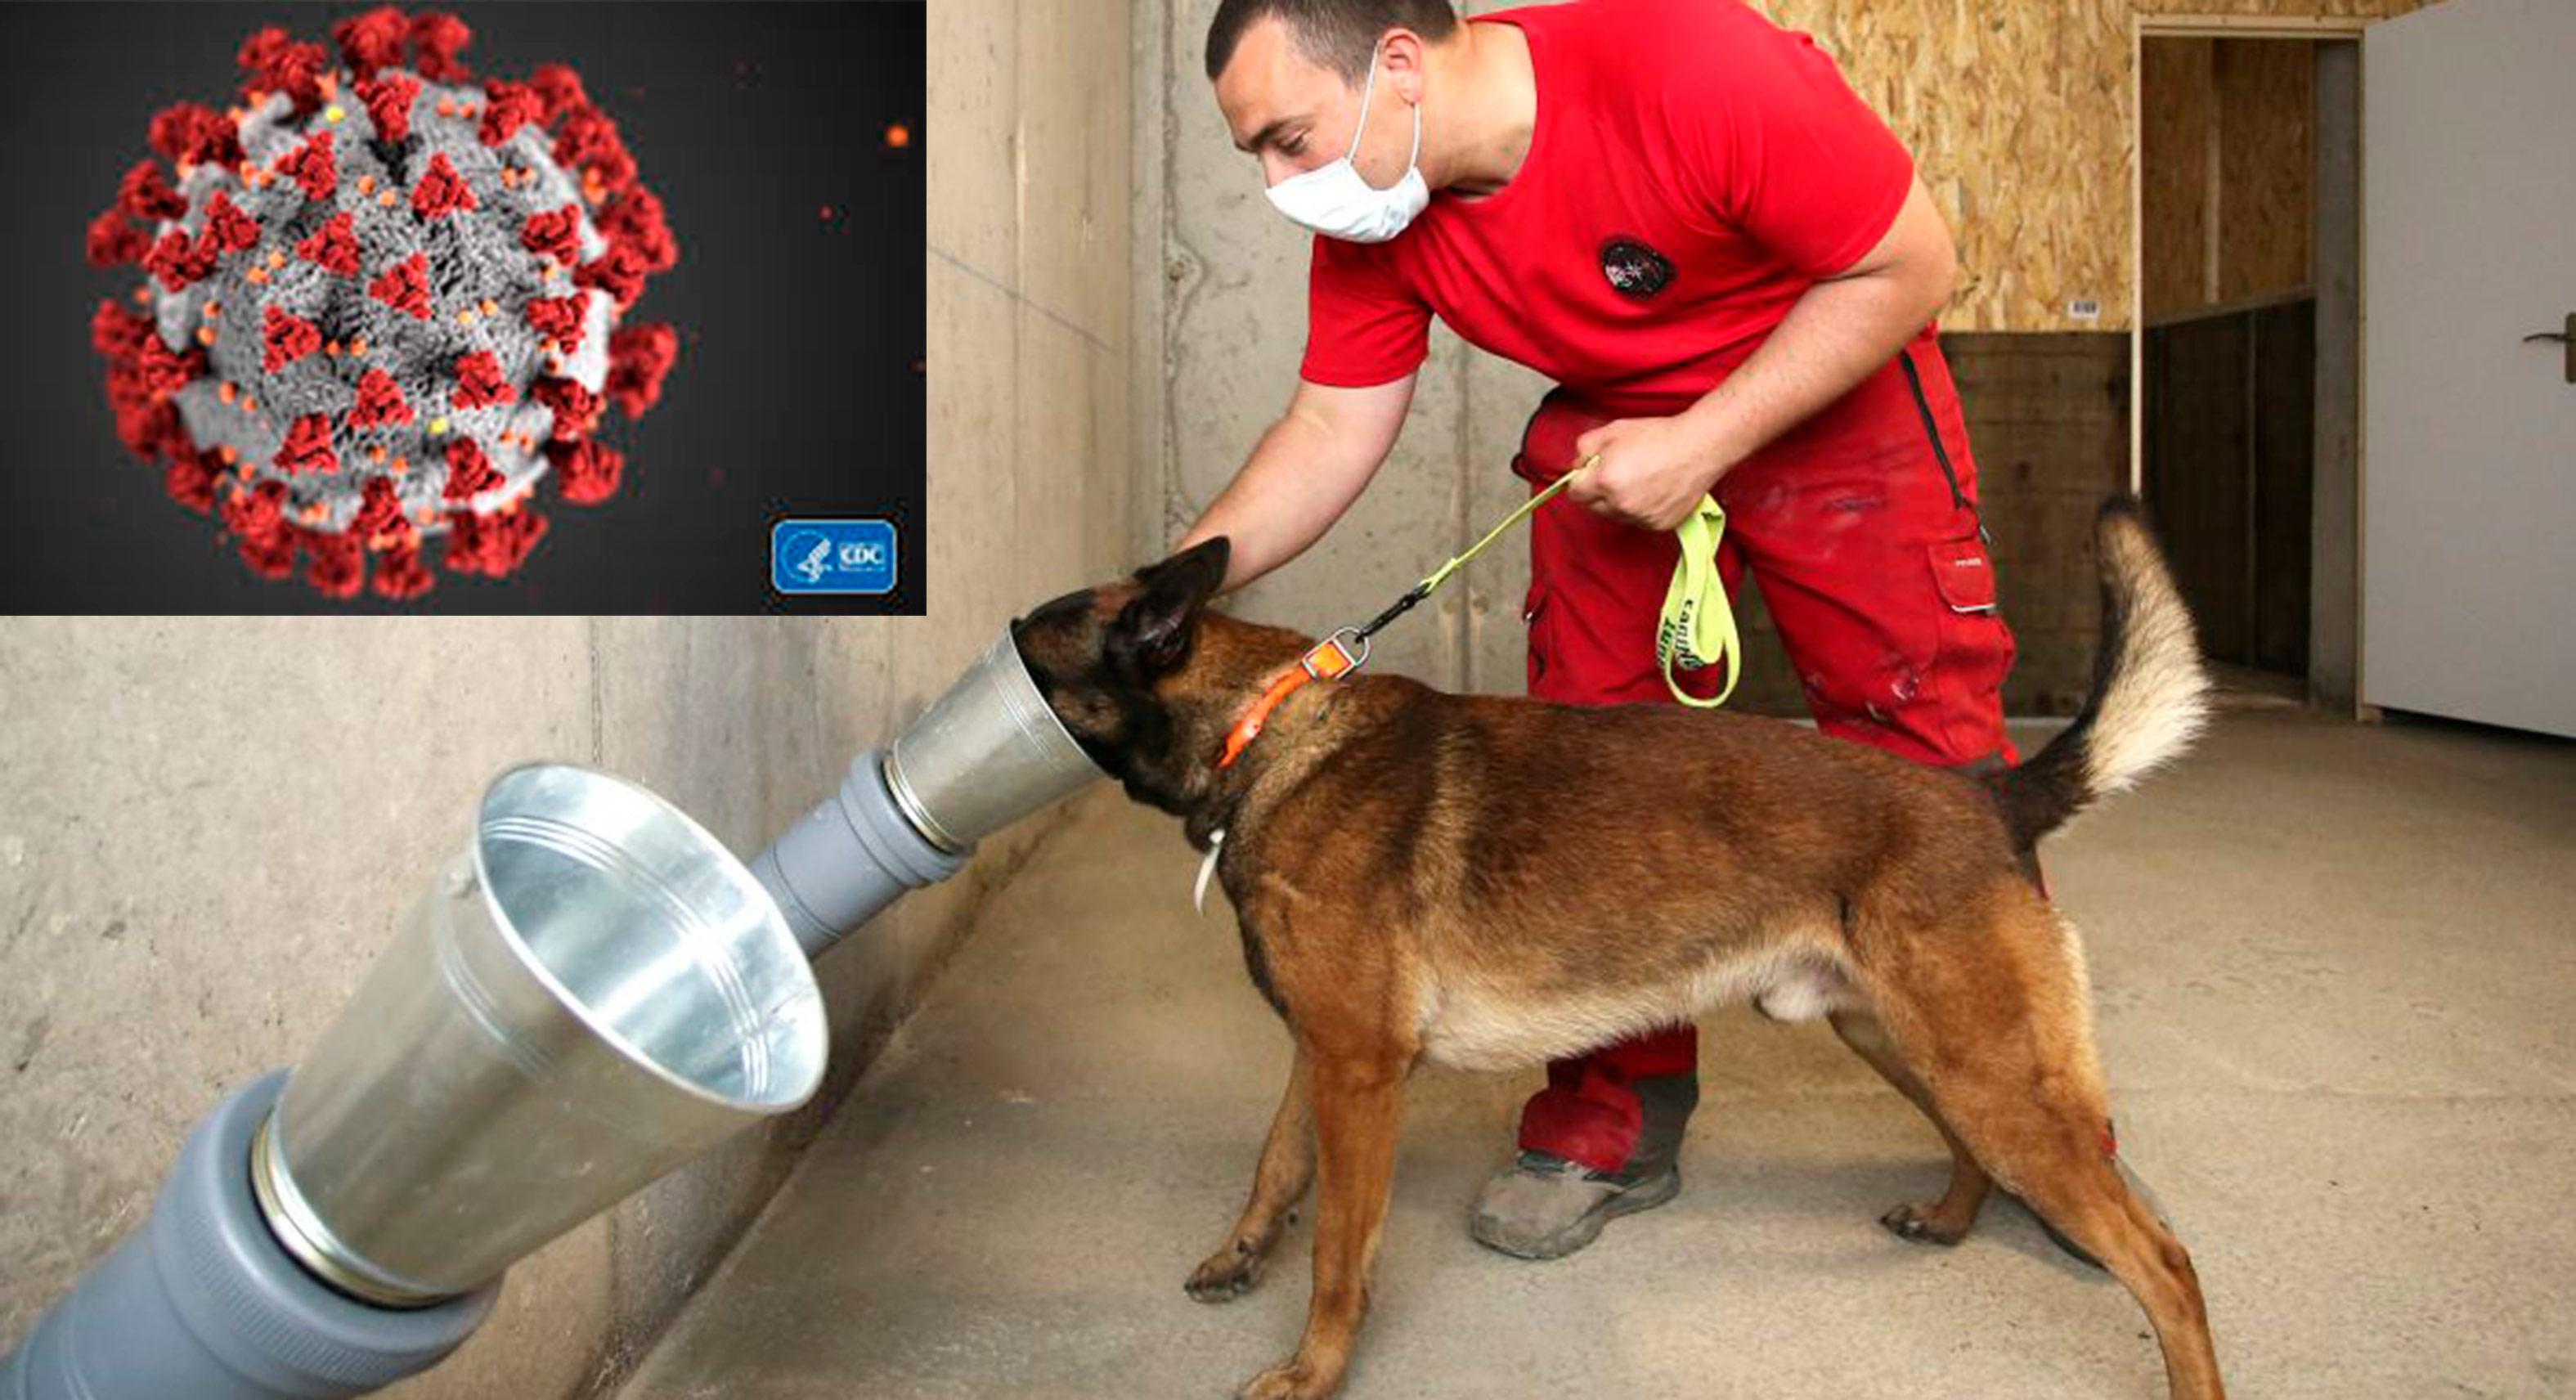 Entrenan perros para detectar COVID-19 y a posibles asintomáticos